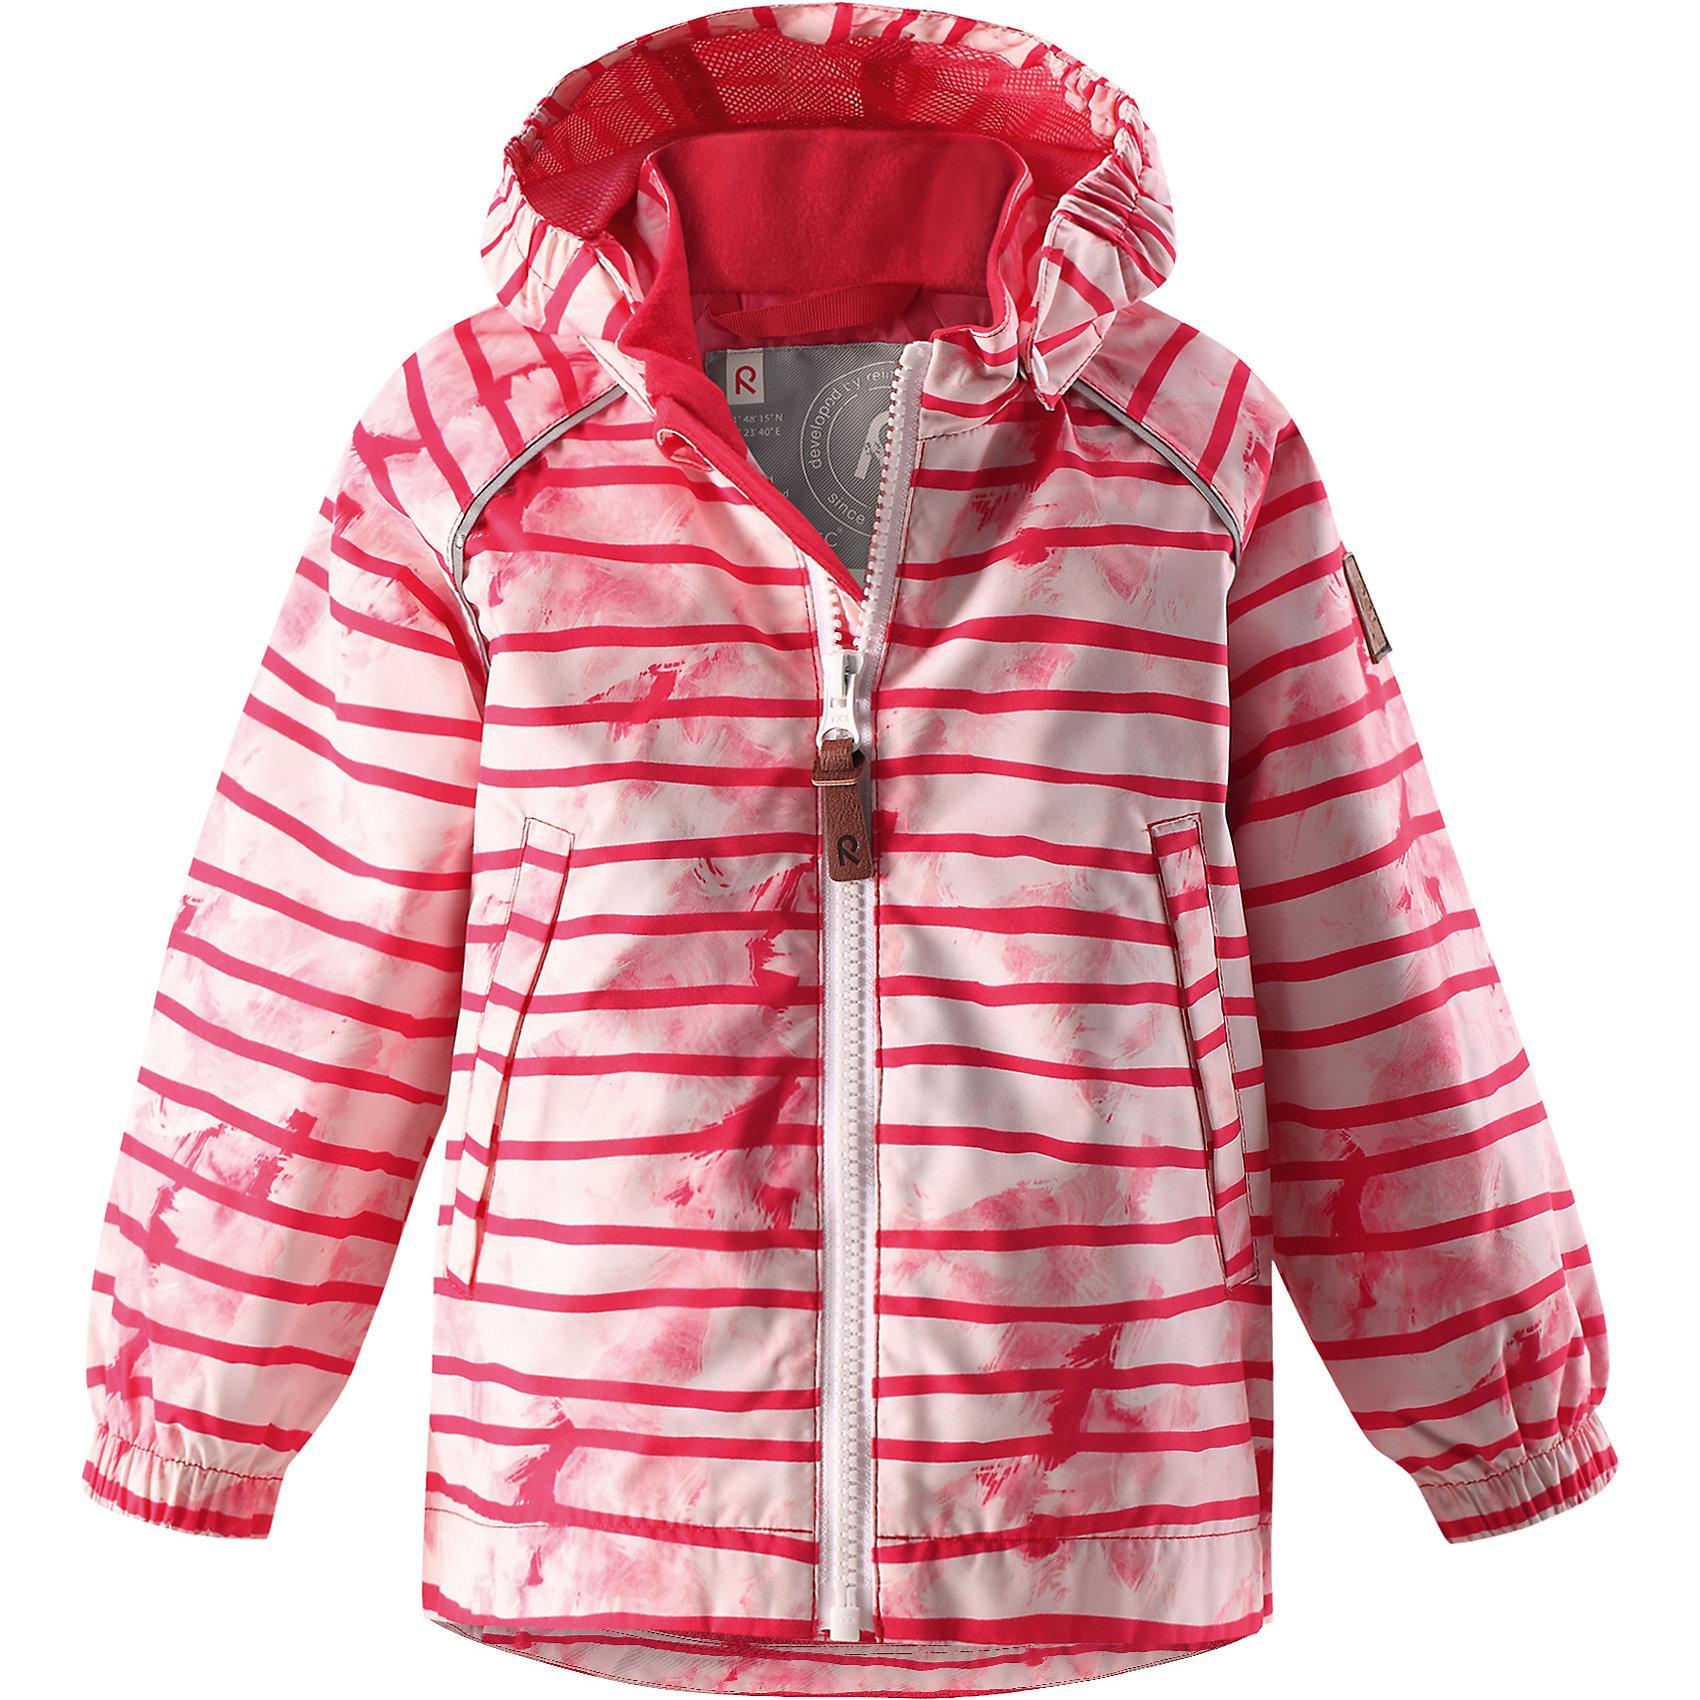 Куртка Hihitys для девочки Reimatec® ReimaХарактеристики товара:<br><br>• цвет: розовый<br>• состав: 100% полиэстер, полиуретановое покрытие<br>• температурный режим: от +5°до +15°С<br>• водонепроницаемость: 5000 мм<br>• воздухопроницаемость: 3000 мм<br>• износостойкость: 15000 циклов (тест Мартиндейла)<br>• без утеплителя<br>• швы проклеены, водонепроницаемы<br>• водо- и ветронепроницаемый, дышащий, грязеотталкивающий материал<br>• гладкая подкладка из полиэстера по всему изделию, mesh-сетка на капюшоне<br>• безопасный съёмный капюшон<br>• эластичные манжеты<br>• карман на молнии<br>• два боковых кармана<br>• светоотражающие детали<br>• комфортная посадка<br>• страна производства: Китай<br>• страна бренда: Финляндия<br>• коллекция: весна-лето 2017<br><br>Верхняя одежда для детей может быть модной и комфортной одновременно! Демисезонная куртка поможет обеспечить ребенку комфорт и тепло. Она отлично смотрится с различной одеждой и обувью. Изделие удобно сидит и модно выглядит. Материал - прочный, хорошо подходящий для межсезонья, водо- и ветронепроницаемый, «дышащий». Стильный дизайн разрабатывался специально для детей.<br><br>Одежда и обувь от финского бренда Reima пользуется популярностью во многих странах. Эти изделия стильные, качественные и удобные. Для производства продукции используются только безопасные, проверенные материалы и фурнитура. Порадуйте ребенка модными и красивыми вещами от Reima! <br><br>Куртку для мальчика Reimatec® от финского бренда Reima (Рейма) можно купить в нашем интернет-магазине.<br><br>Ширина мм: 356<br>Глубина мм: 10<br>Высота мм: 245<br>Вес г: 519<br>Цвет: розовый<br>Возраст от месяцев: 24<br>Возраст до месяцев: 36<br>Пол: Женский<br>Возраст: Детский<br>Размер: 98,74,80,86,92<br>SKU: 5265592